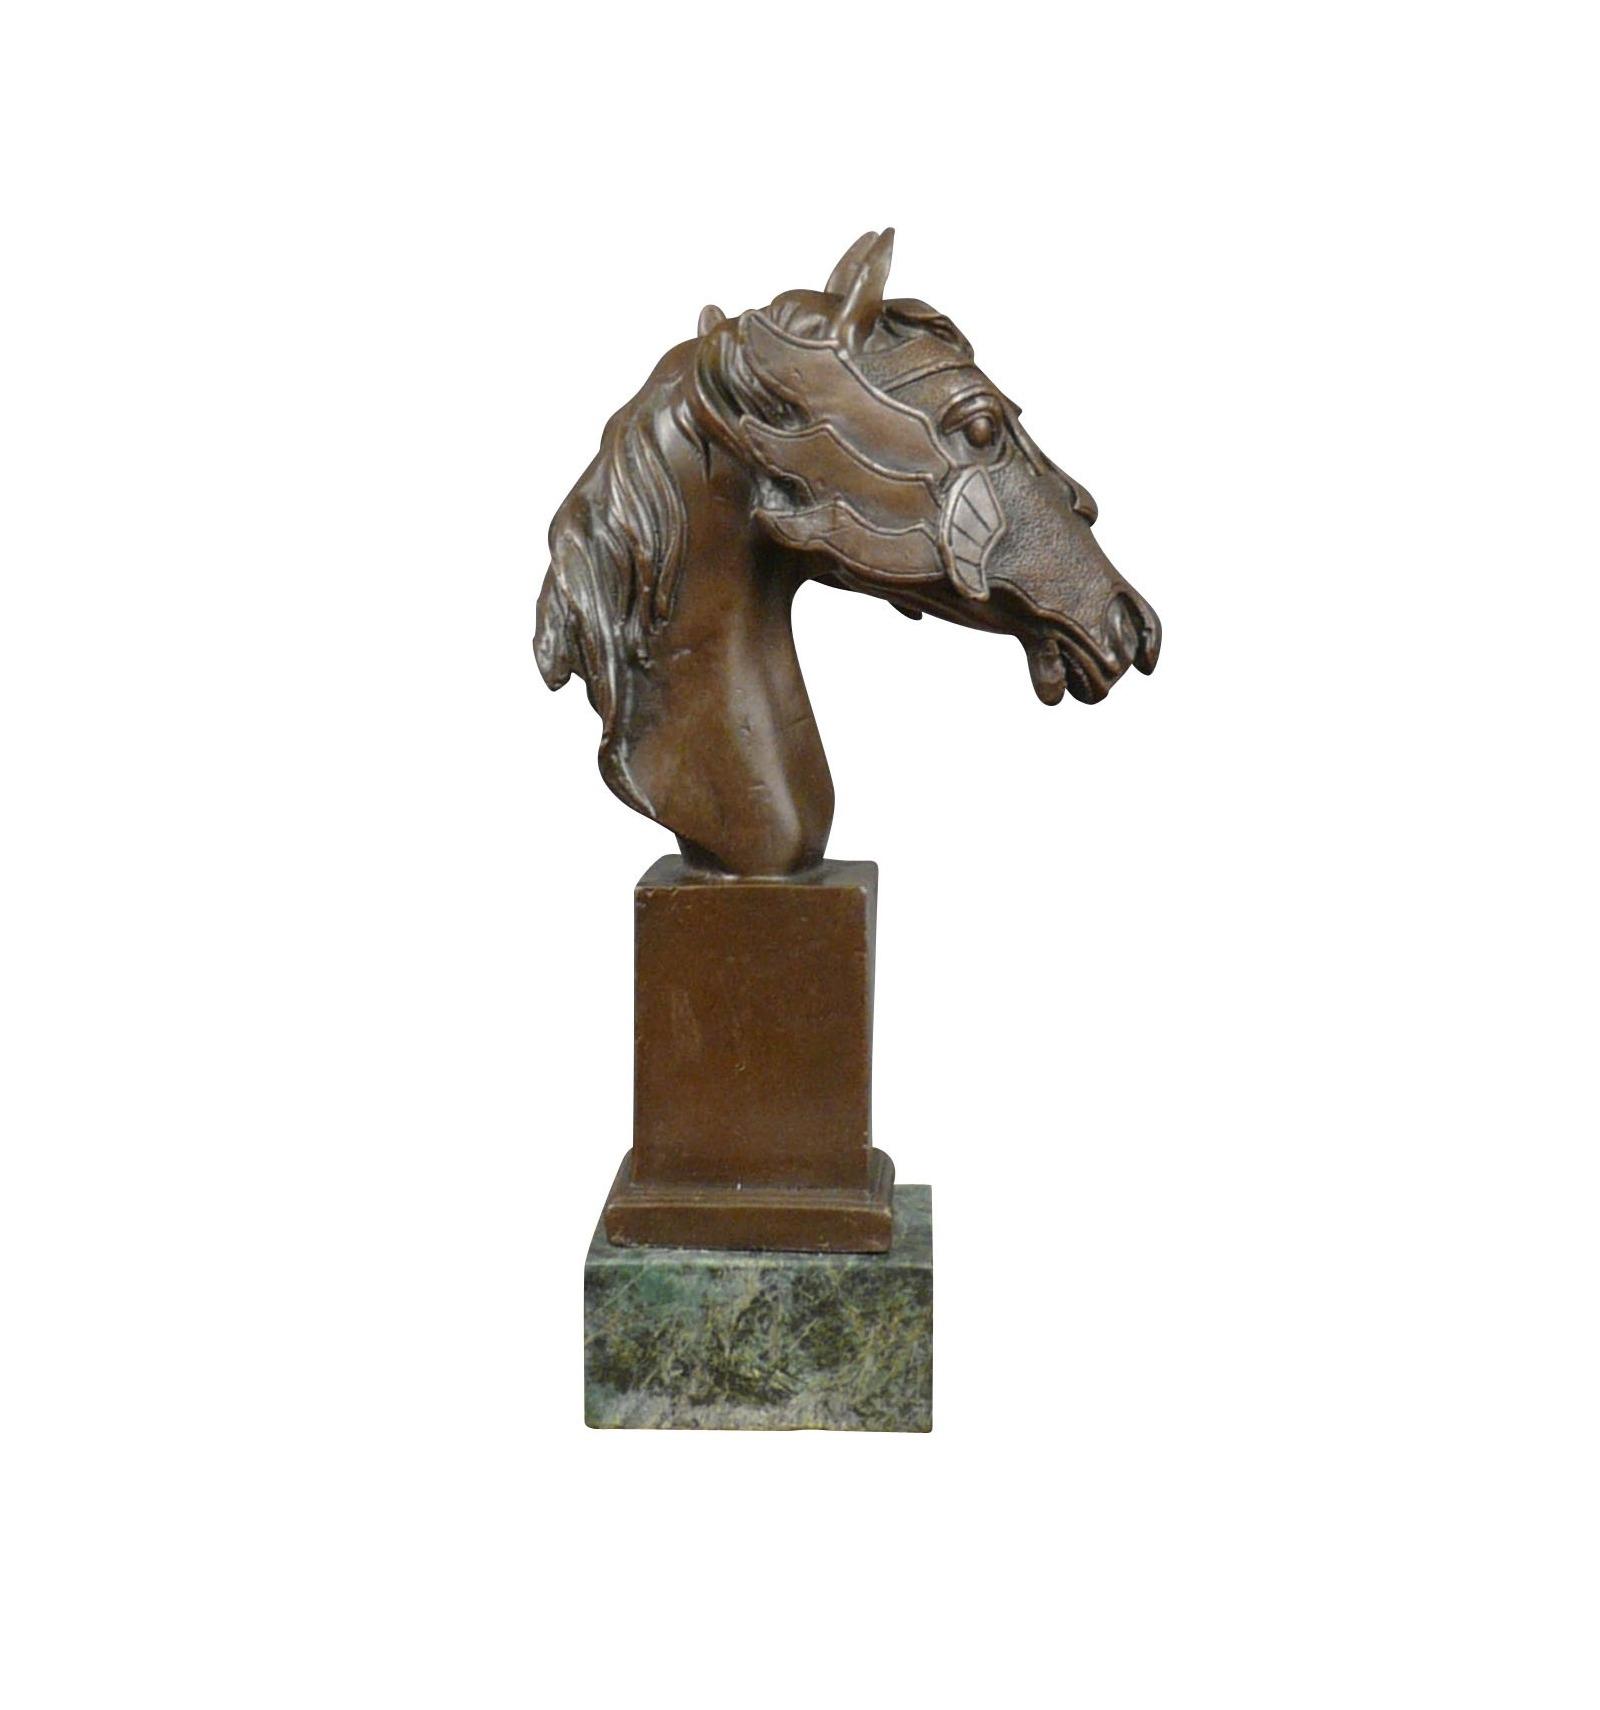 af7b42f44 Una Statua in bronzo del busto di cavallo